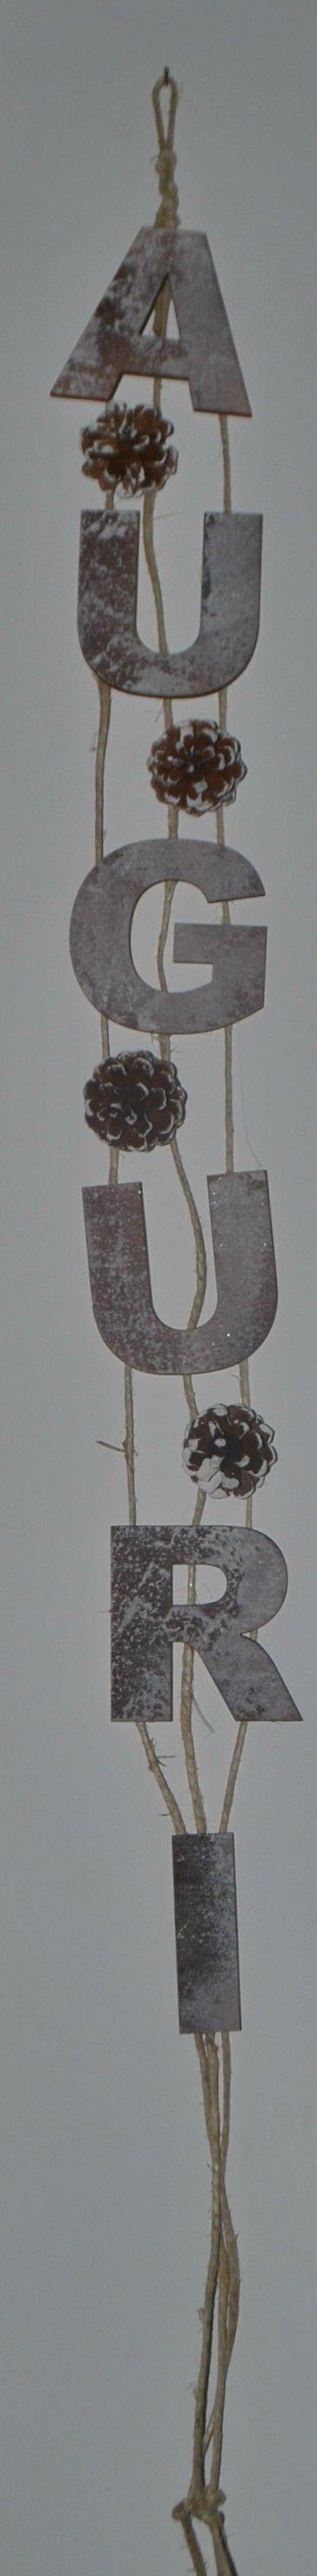 Addobbi natalizi - pendente verticale 'auguri' creato con lettere in legno dipinte - https://frizzantina.wordpress.com/2016/12/12/il-mio-natale-fatto-a-mano-2016-my-handmade-christmas-2016/